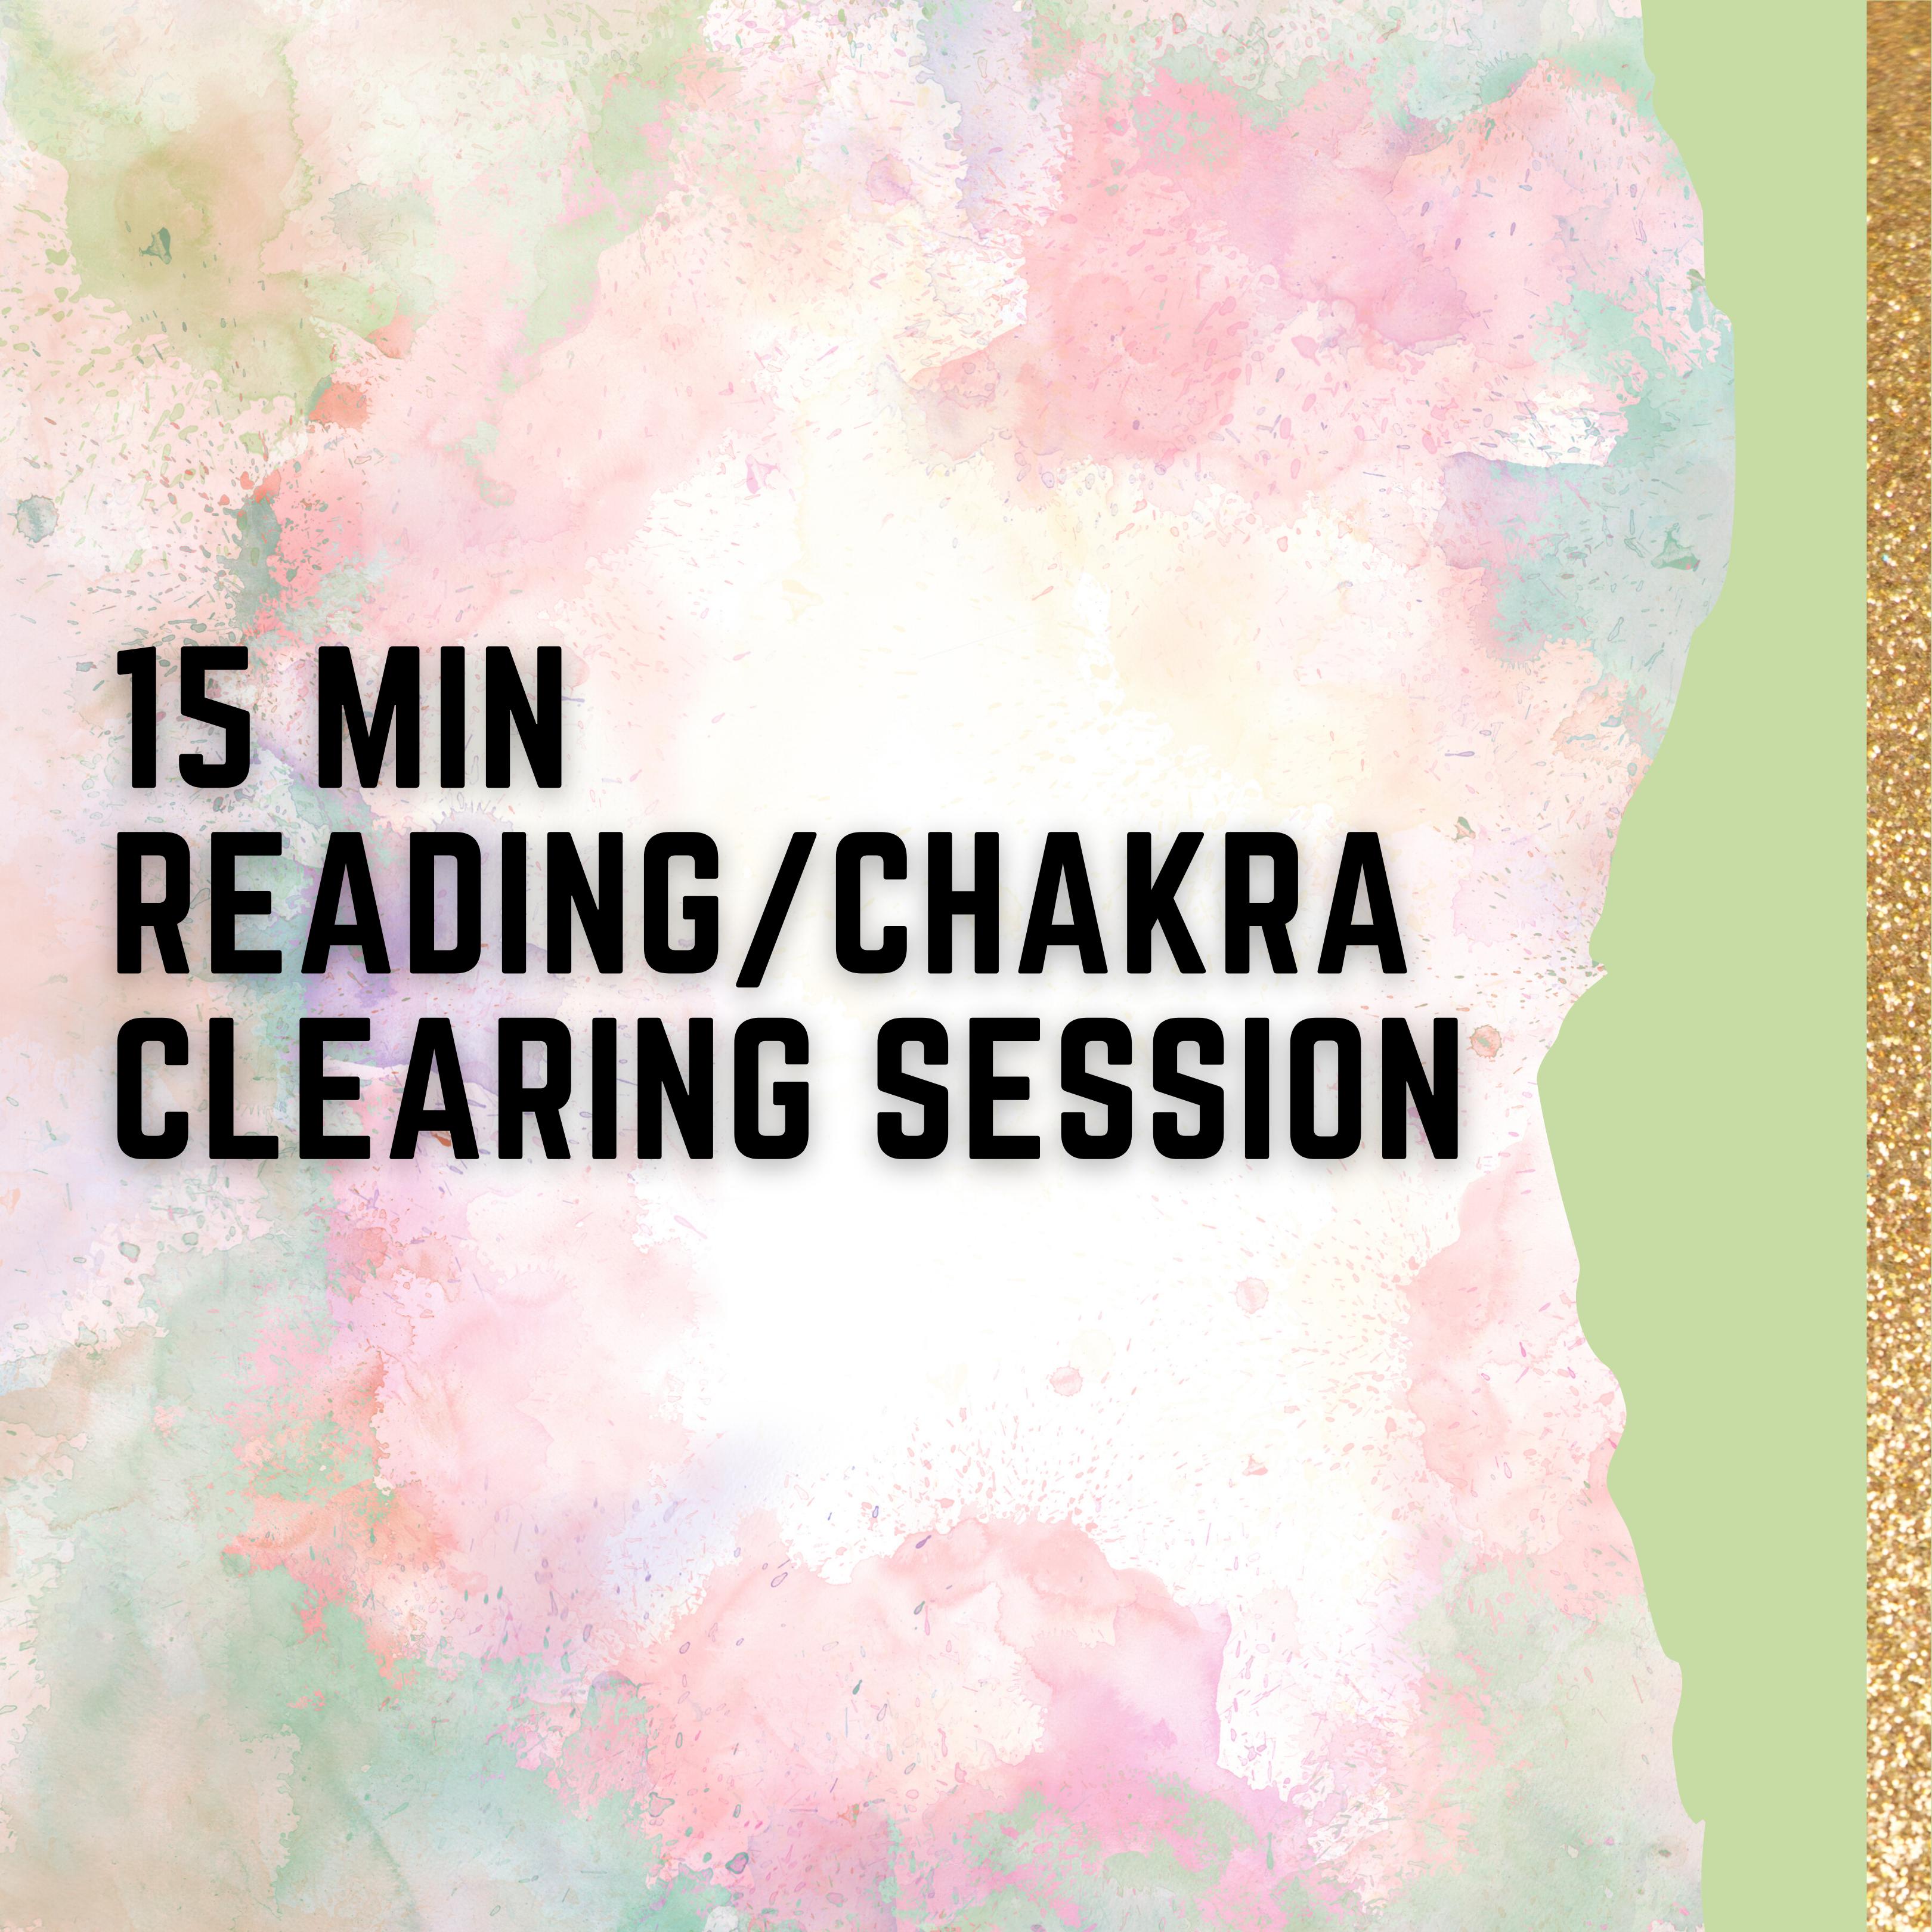 $27-15 MIN READING